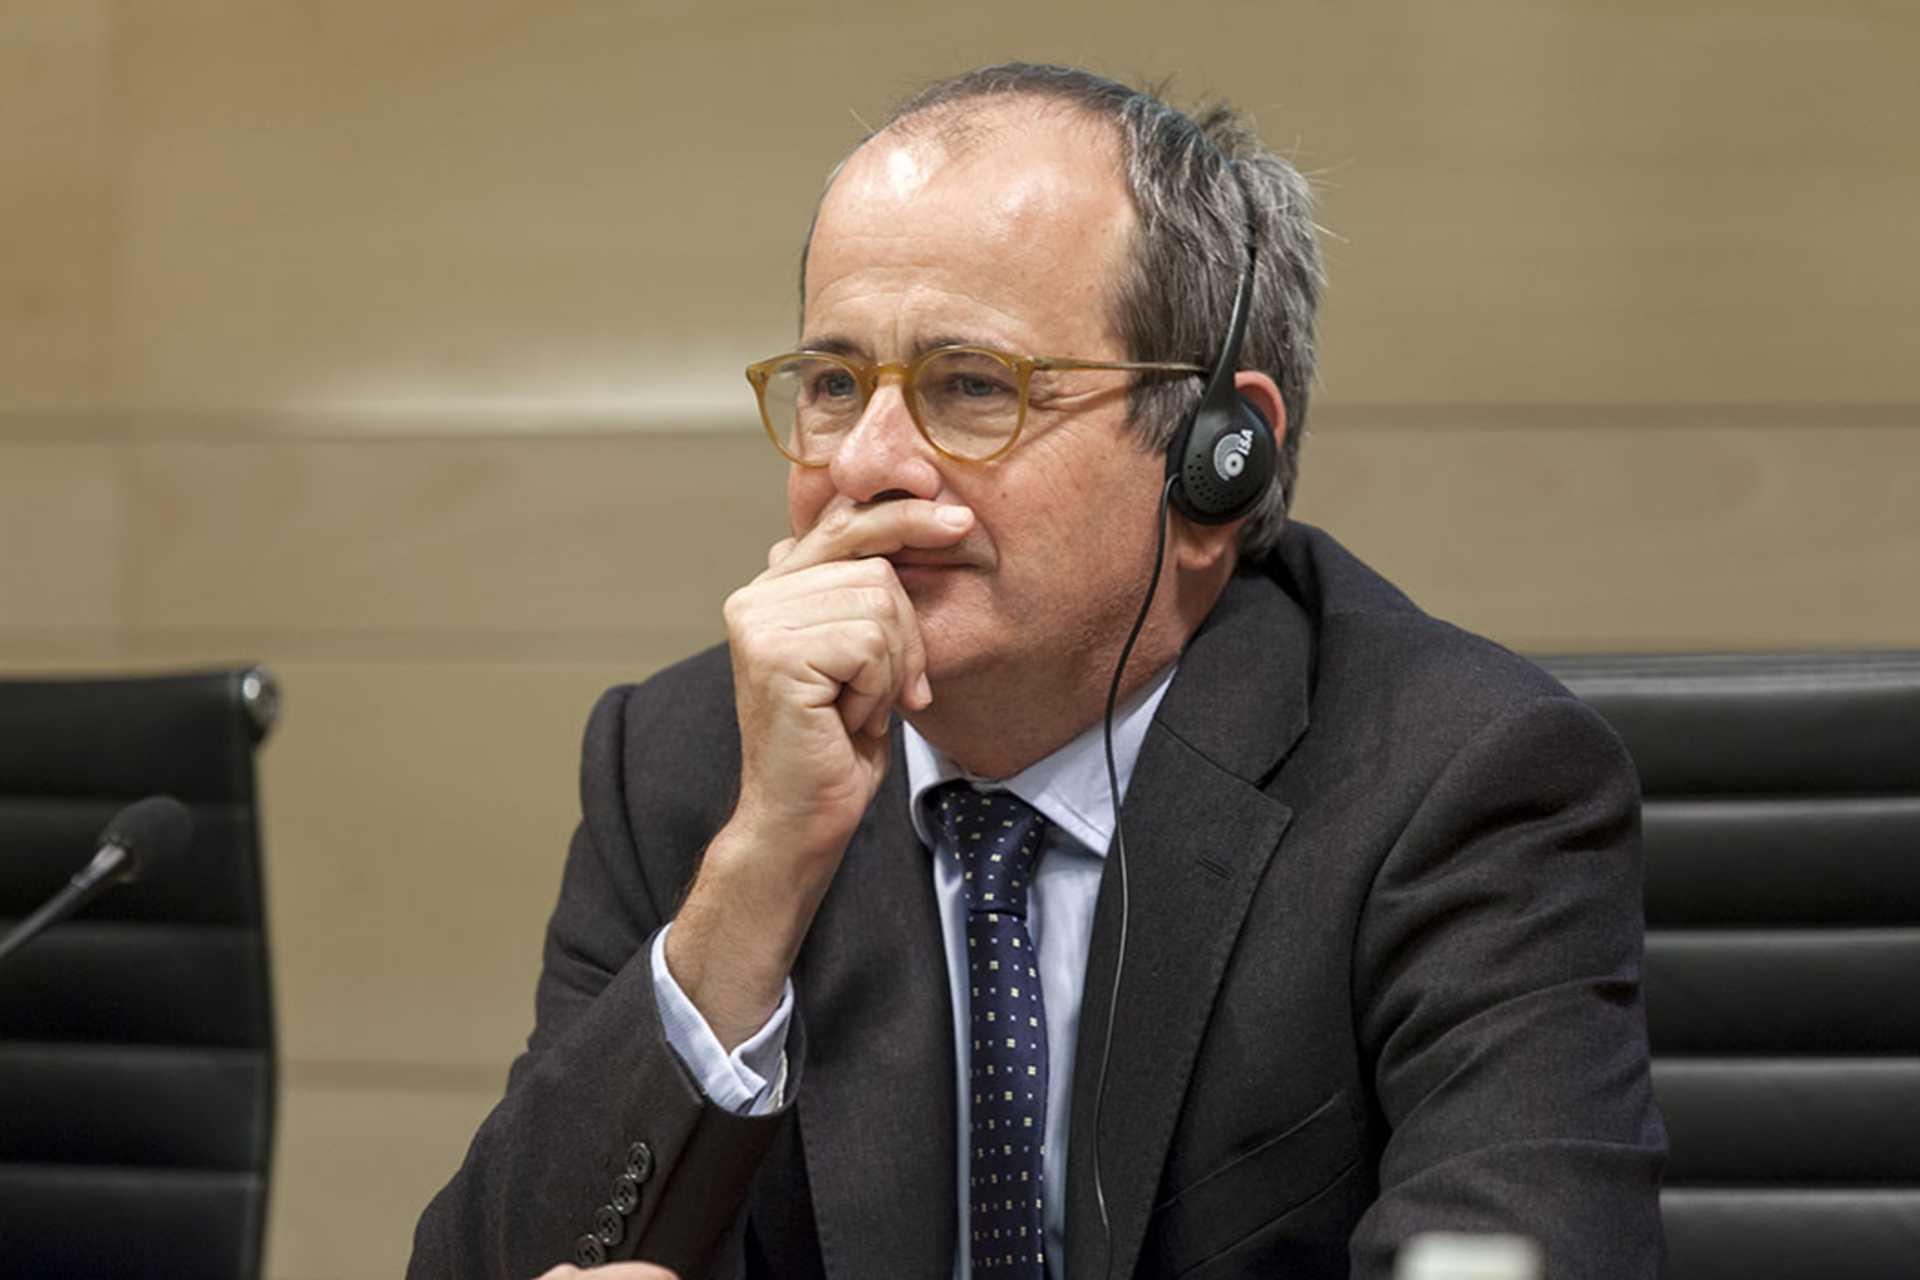 """La Fundación Rafael del Pino organiza las jornadas """"How the world poors are educating themselves"""" con James Tooley. En Madrid 23 de Octubre de 2013"""